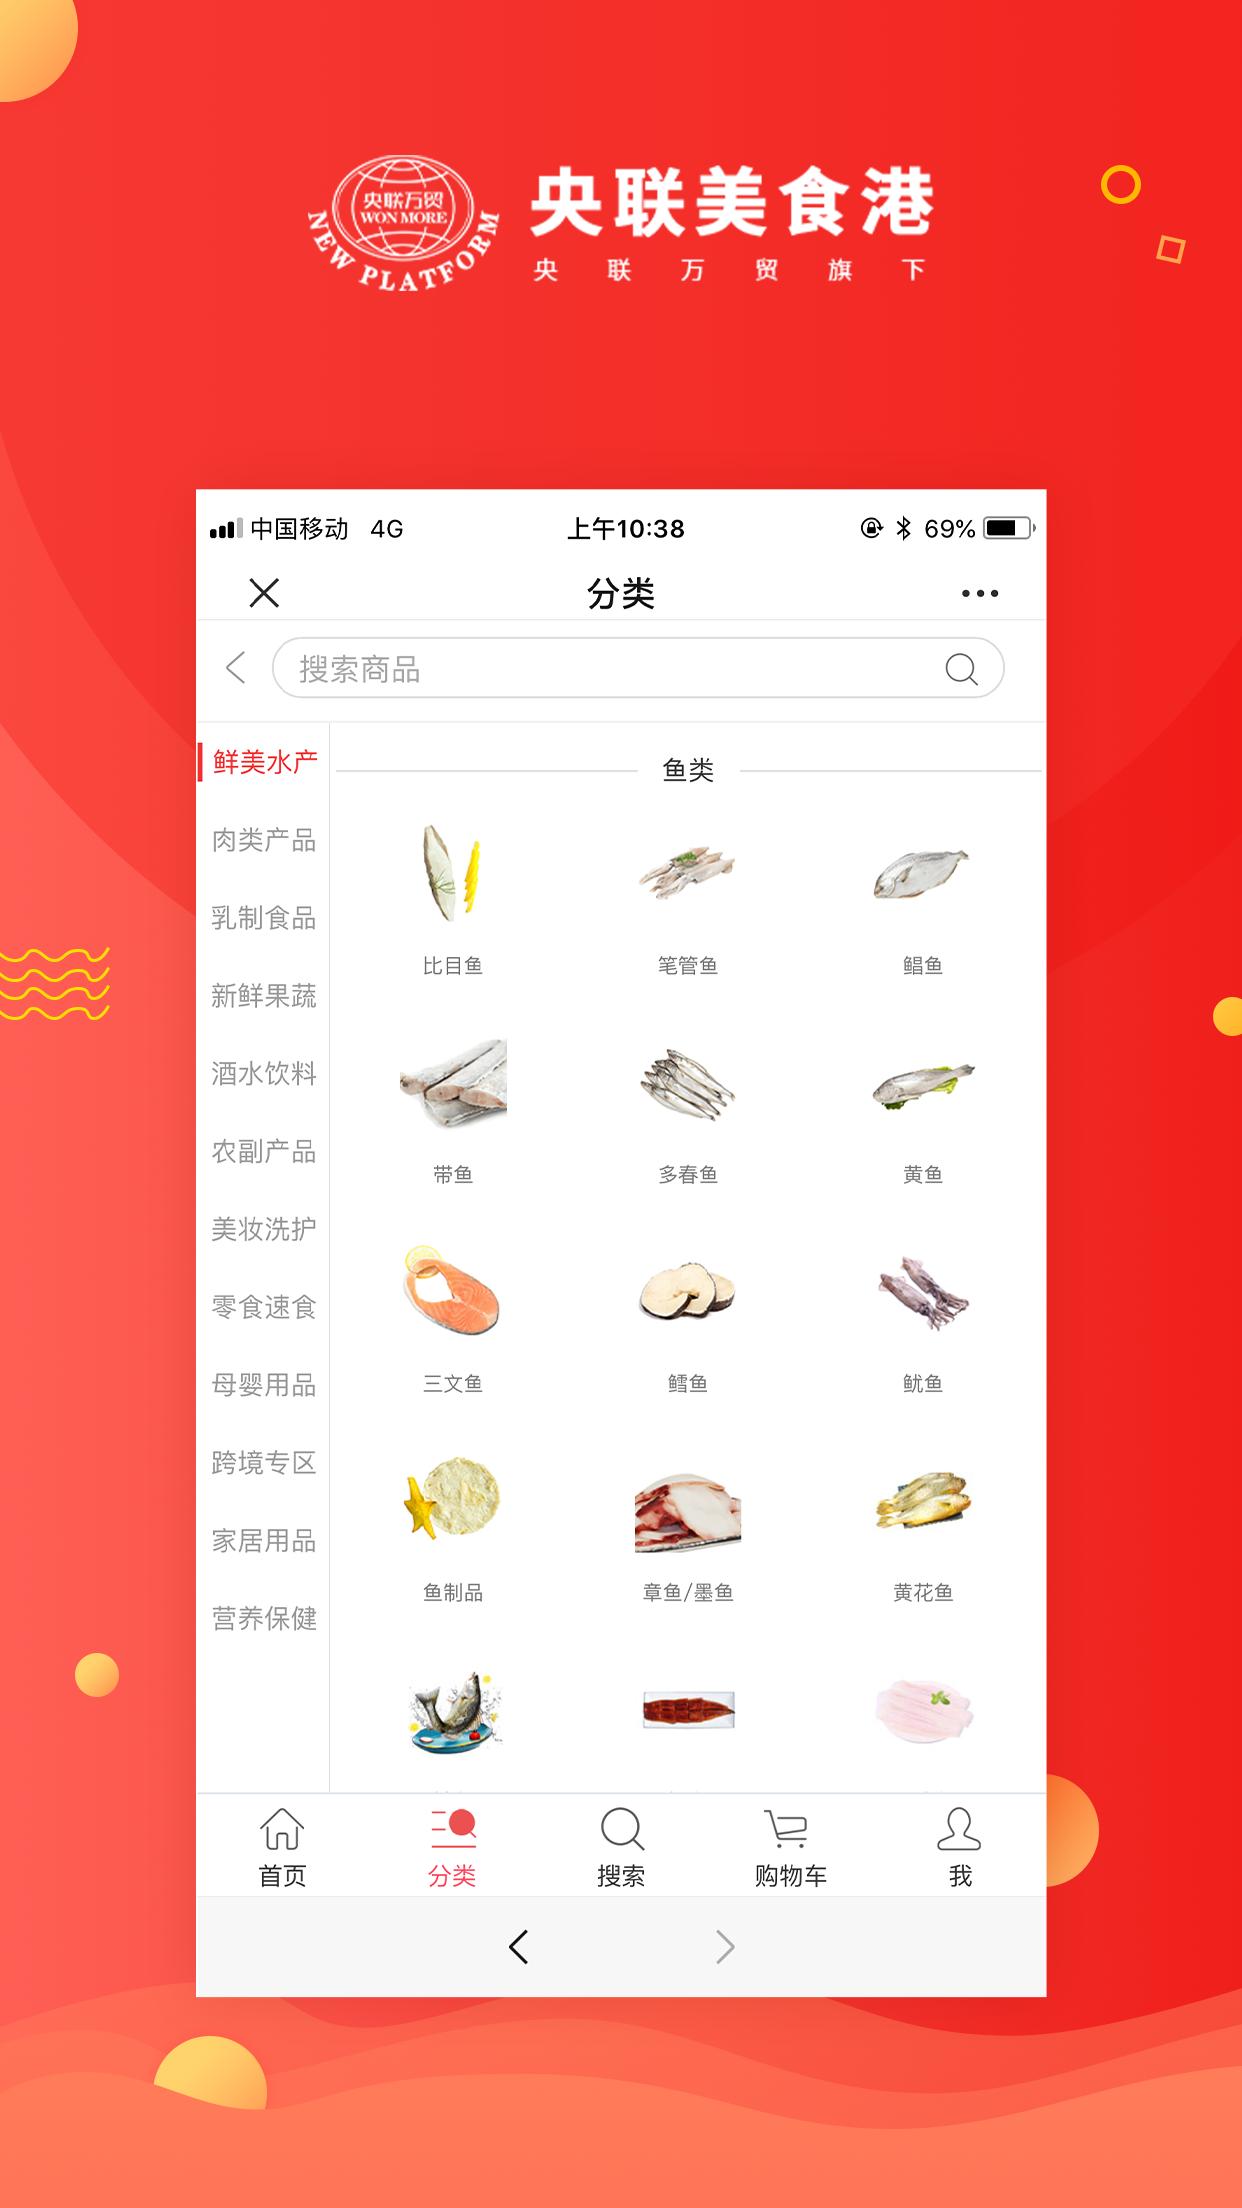 央联美食港 V1.0.10 安卓版截图4